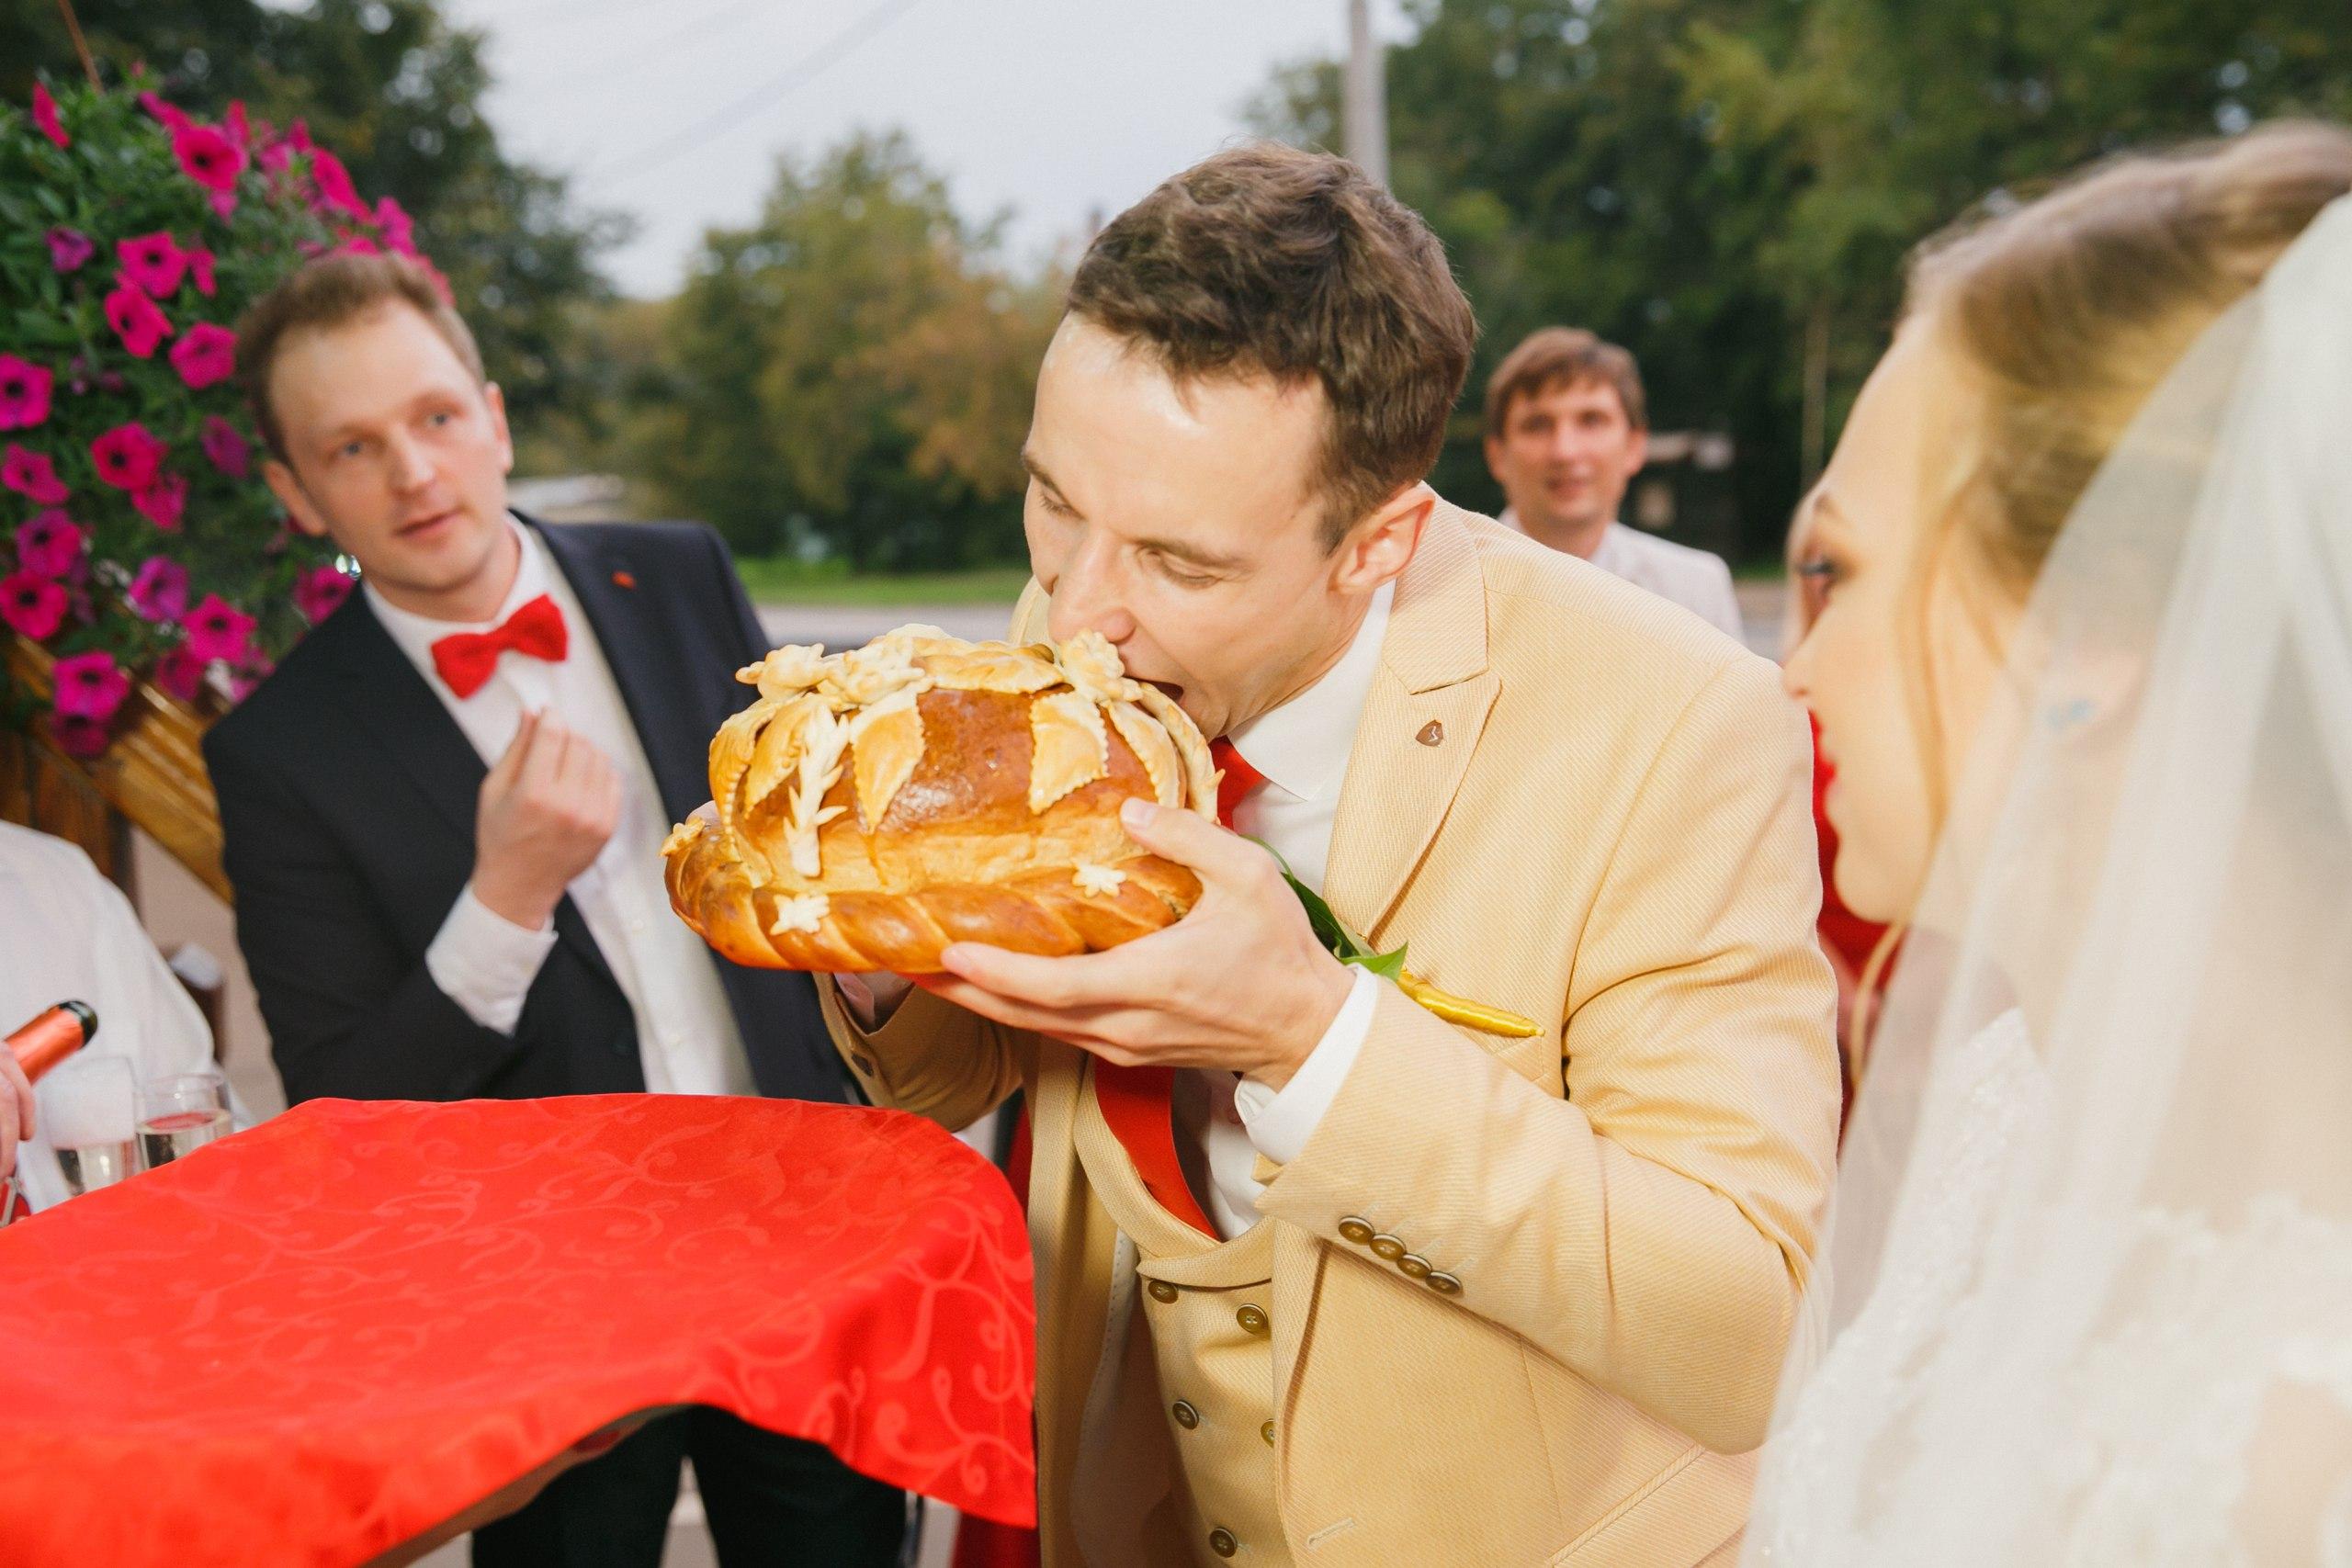 Красный – цвет СТРАСТИ и ЛЮБВИ.#🥊 Я поддержал свадебный дресс-код, надел фрачный значок красного цвета и красную бабочку.ОГРОМНОЕ СПАСИБО! Сергею и Виктории за колоритные фотографии. Для меня было одно удовольствие вести такую свадьбу.